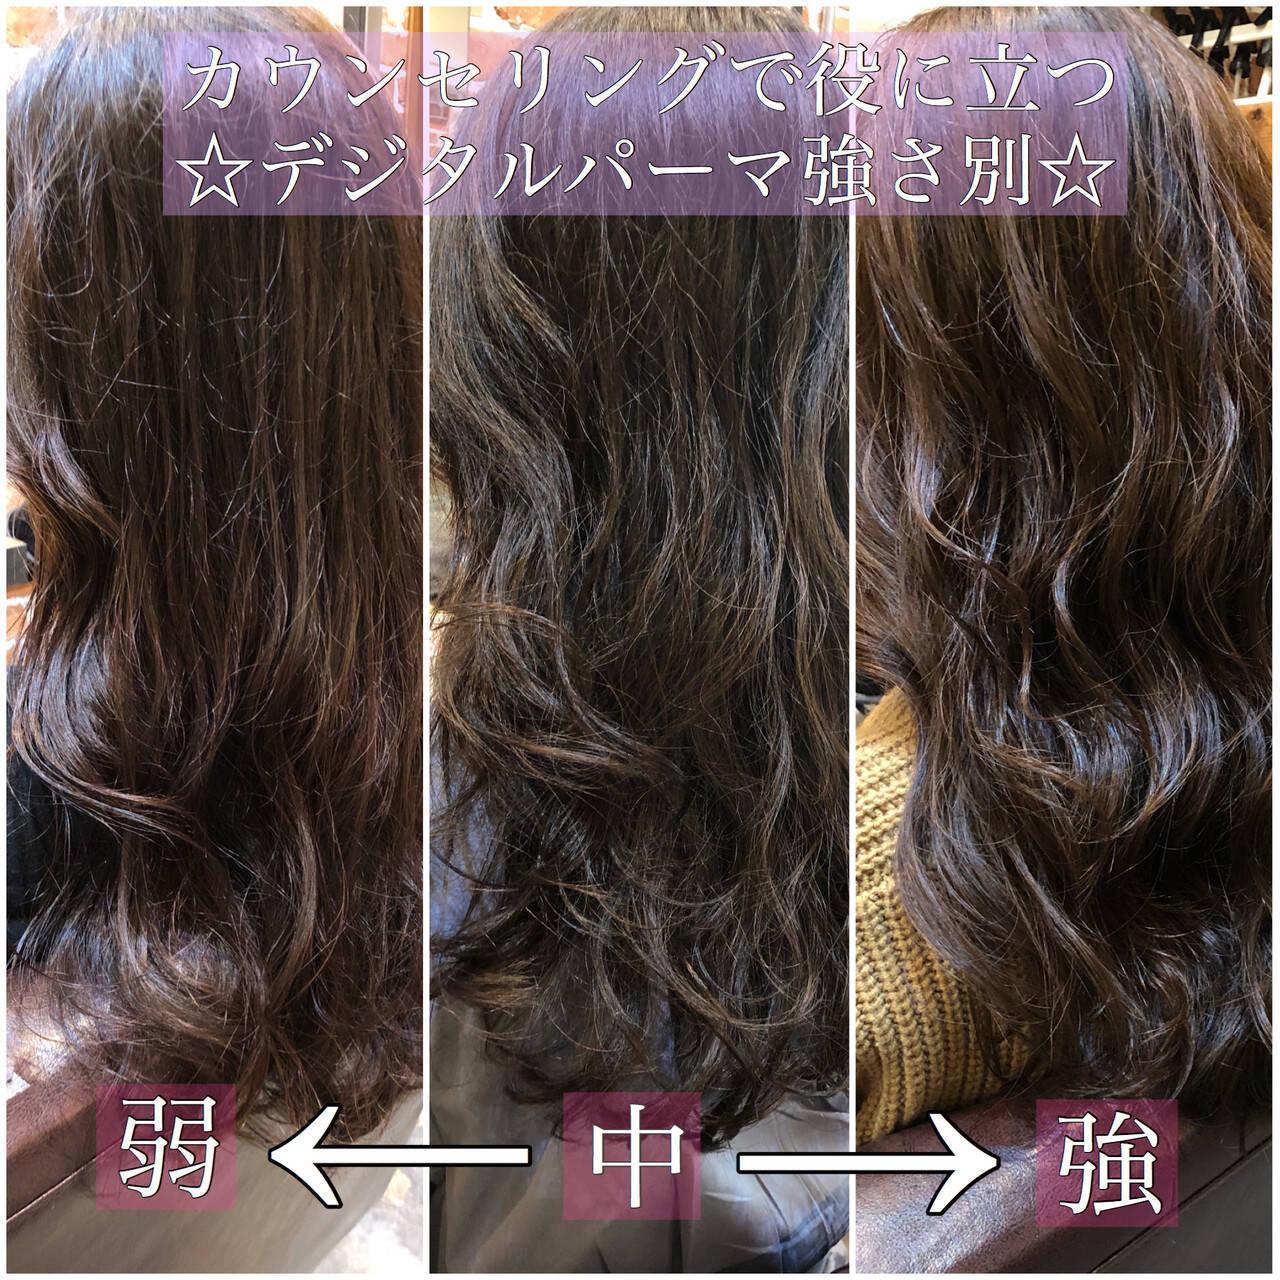 ロング デジタルパーマ ゆるふわパーマ パーマヘアスタイルや髪型の写真・画像